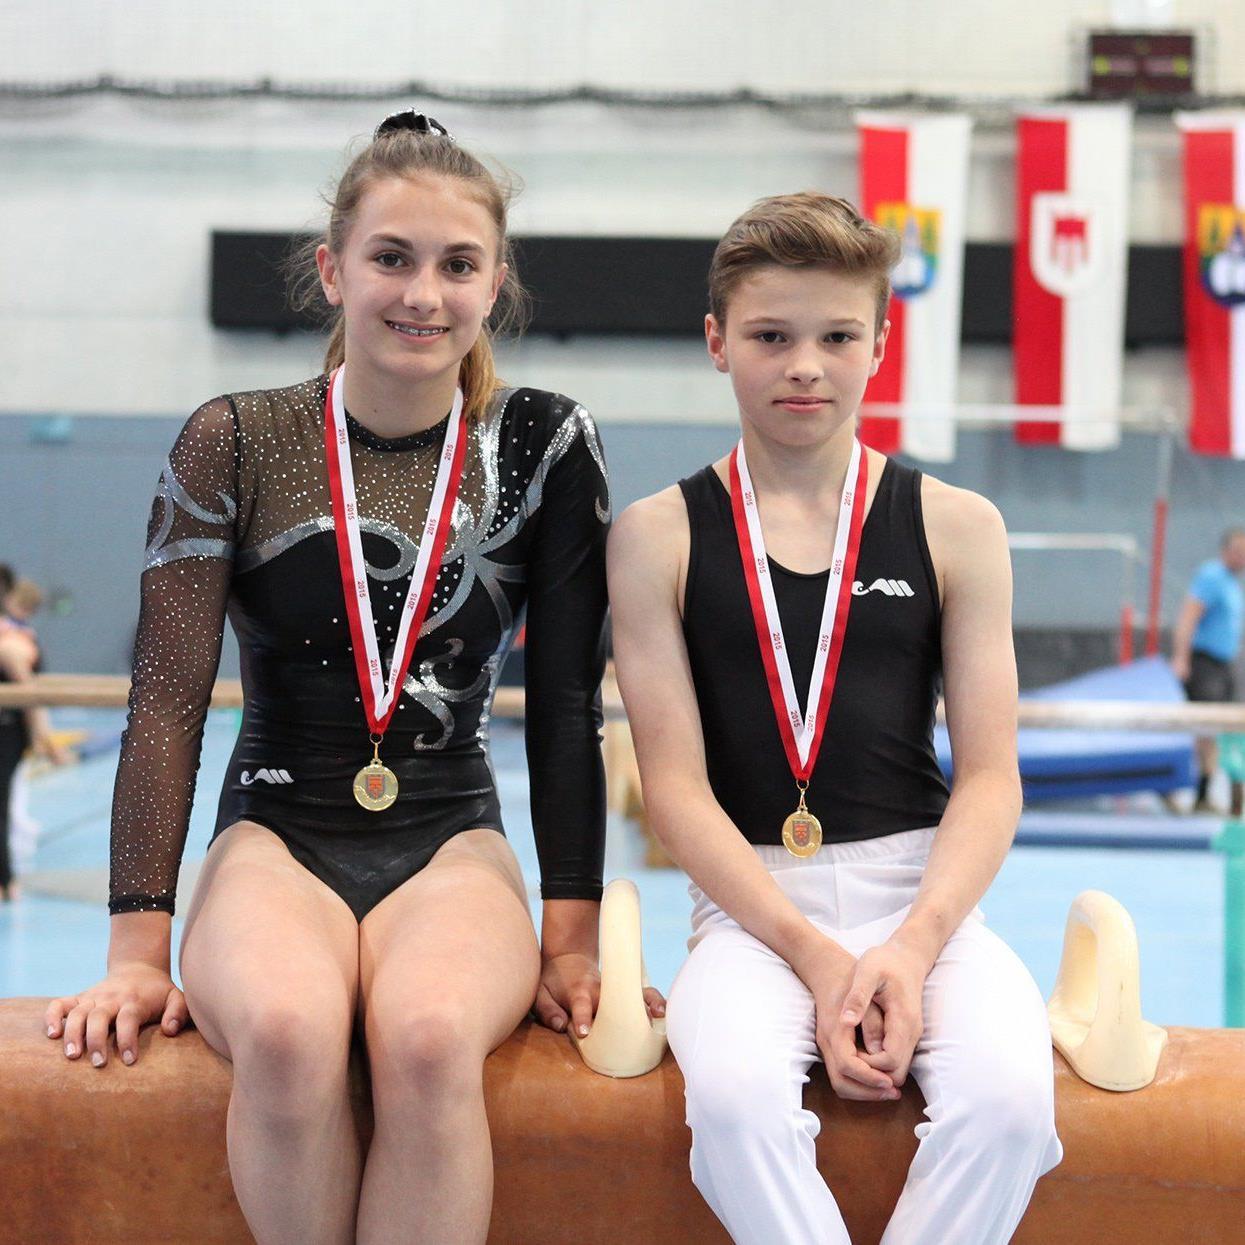 Jugendmeisterin Fabienne Kostelac war eine Klasse für sich